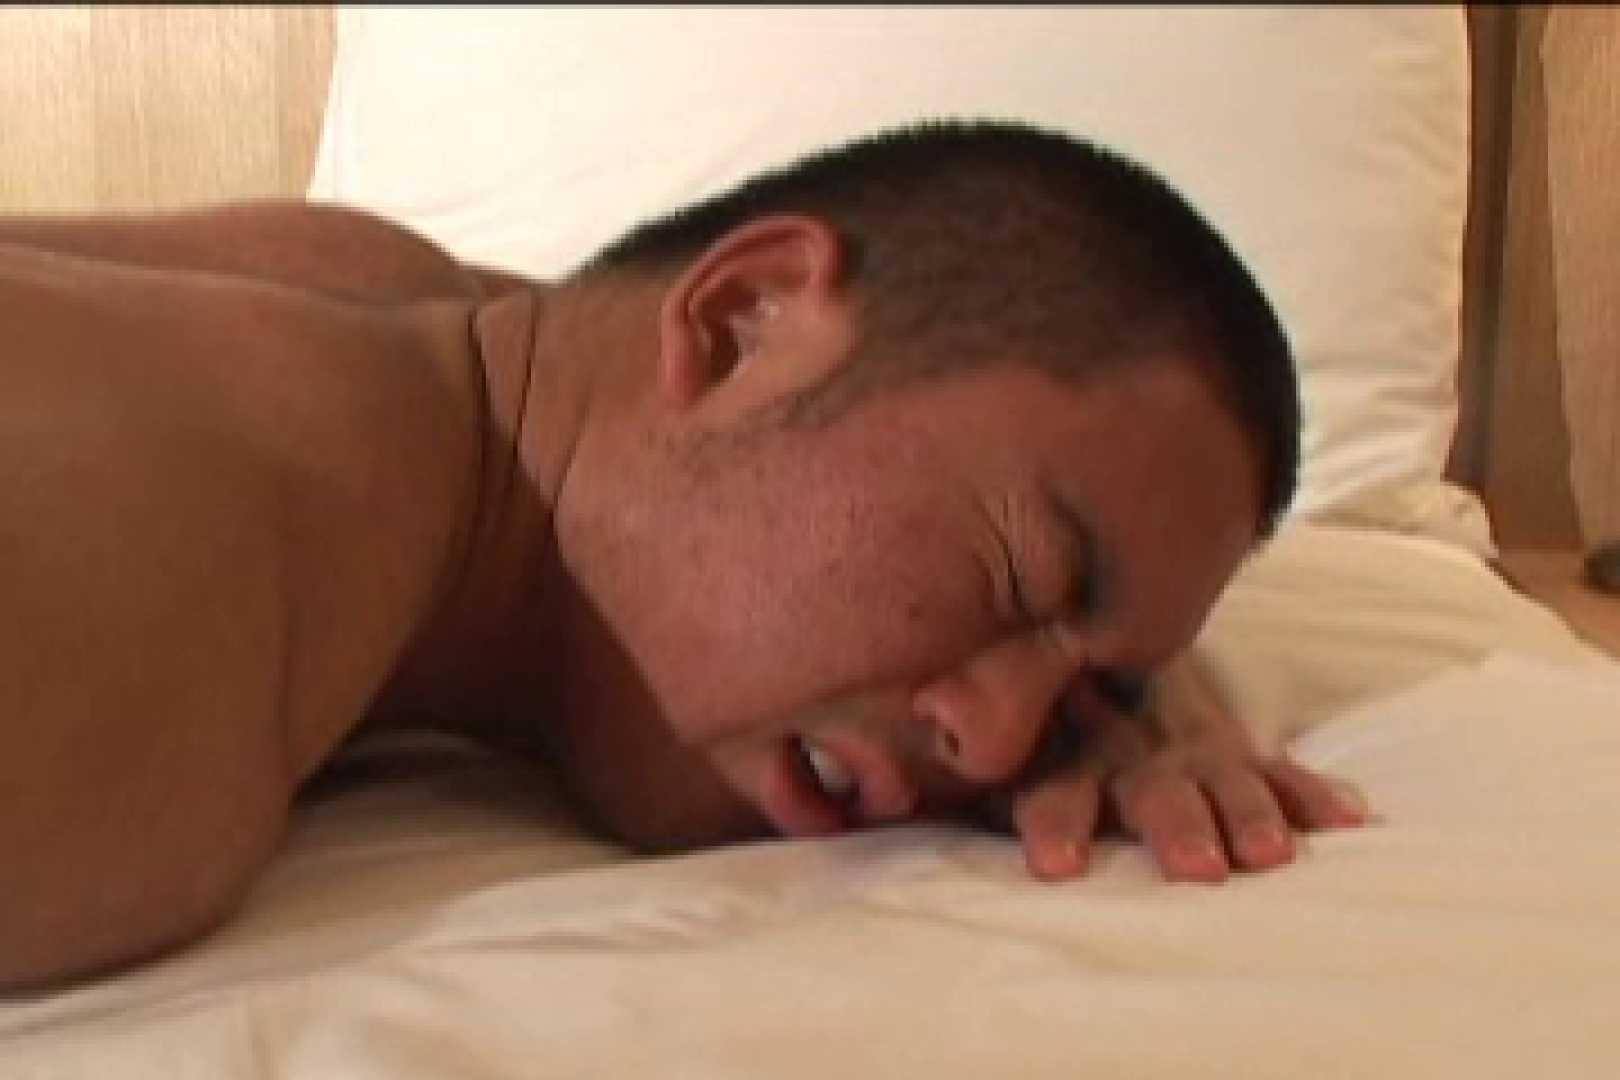 みんなのオナニー特集!! part.02 お尻の穴 | デブ ゲイザーメン画像 85pic 15